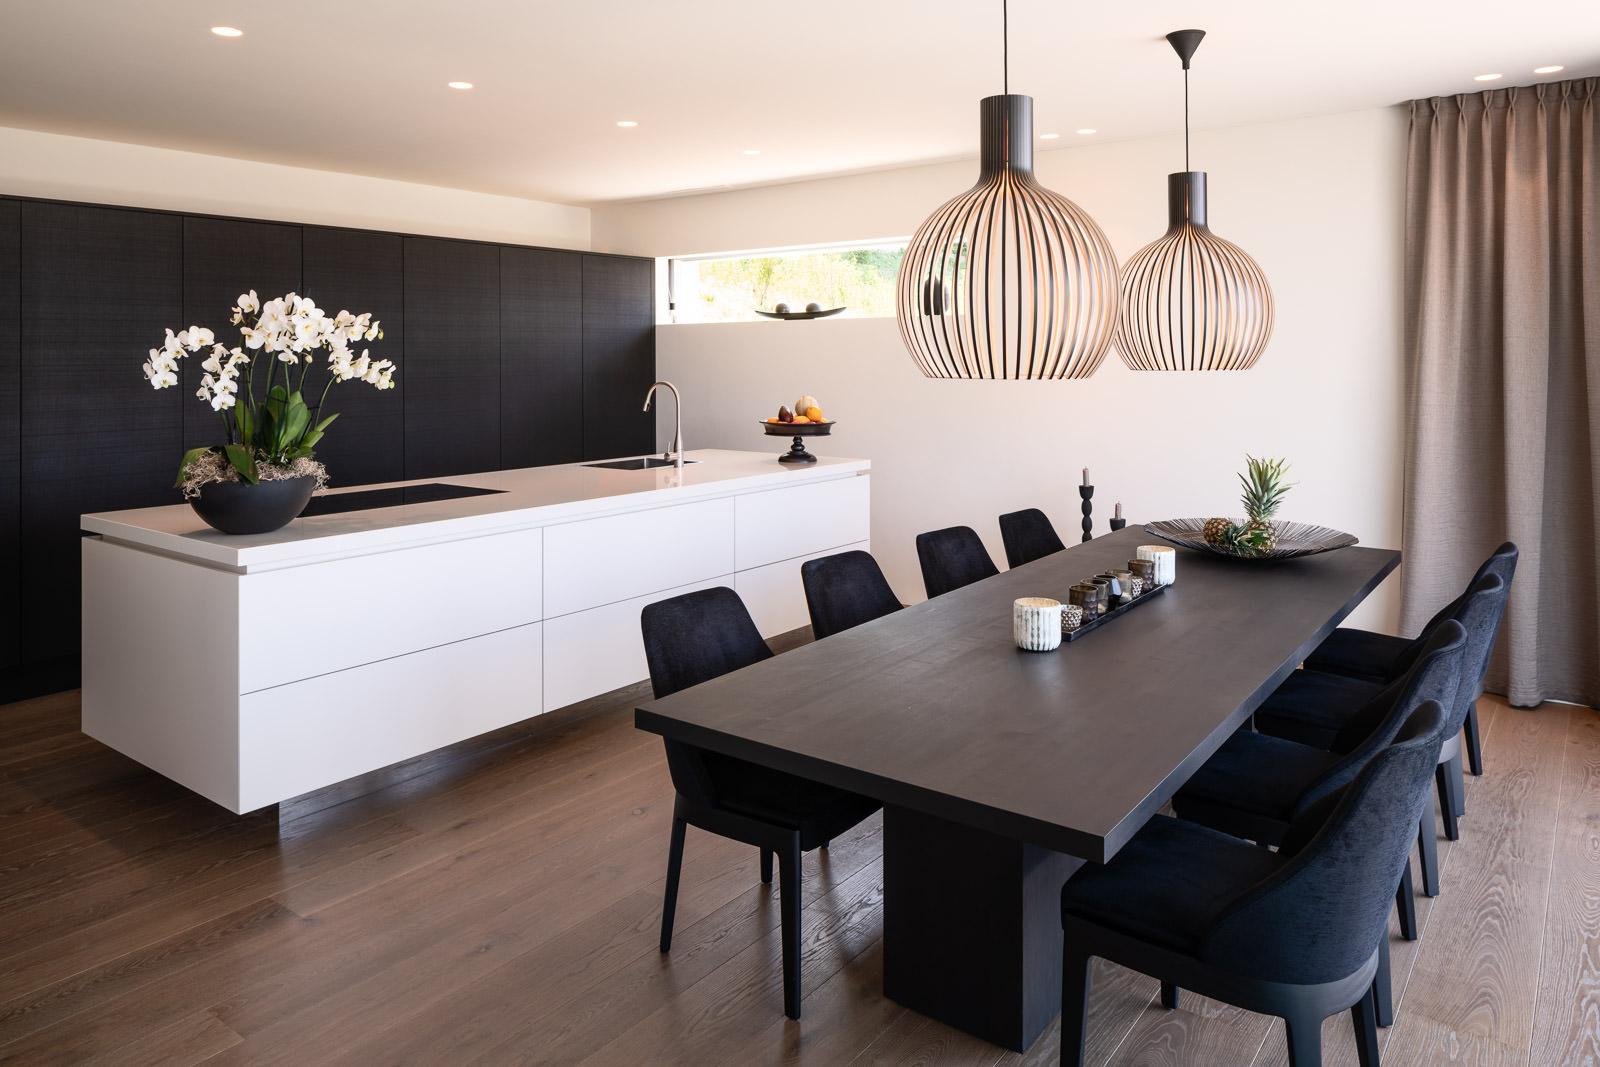 Exklusive Immobilienfotografie - Hochwertige, professionelle Immobilienfotos